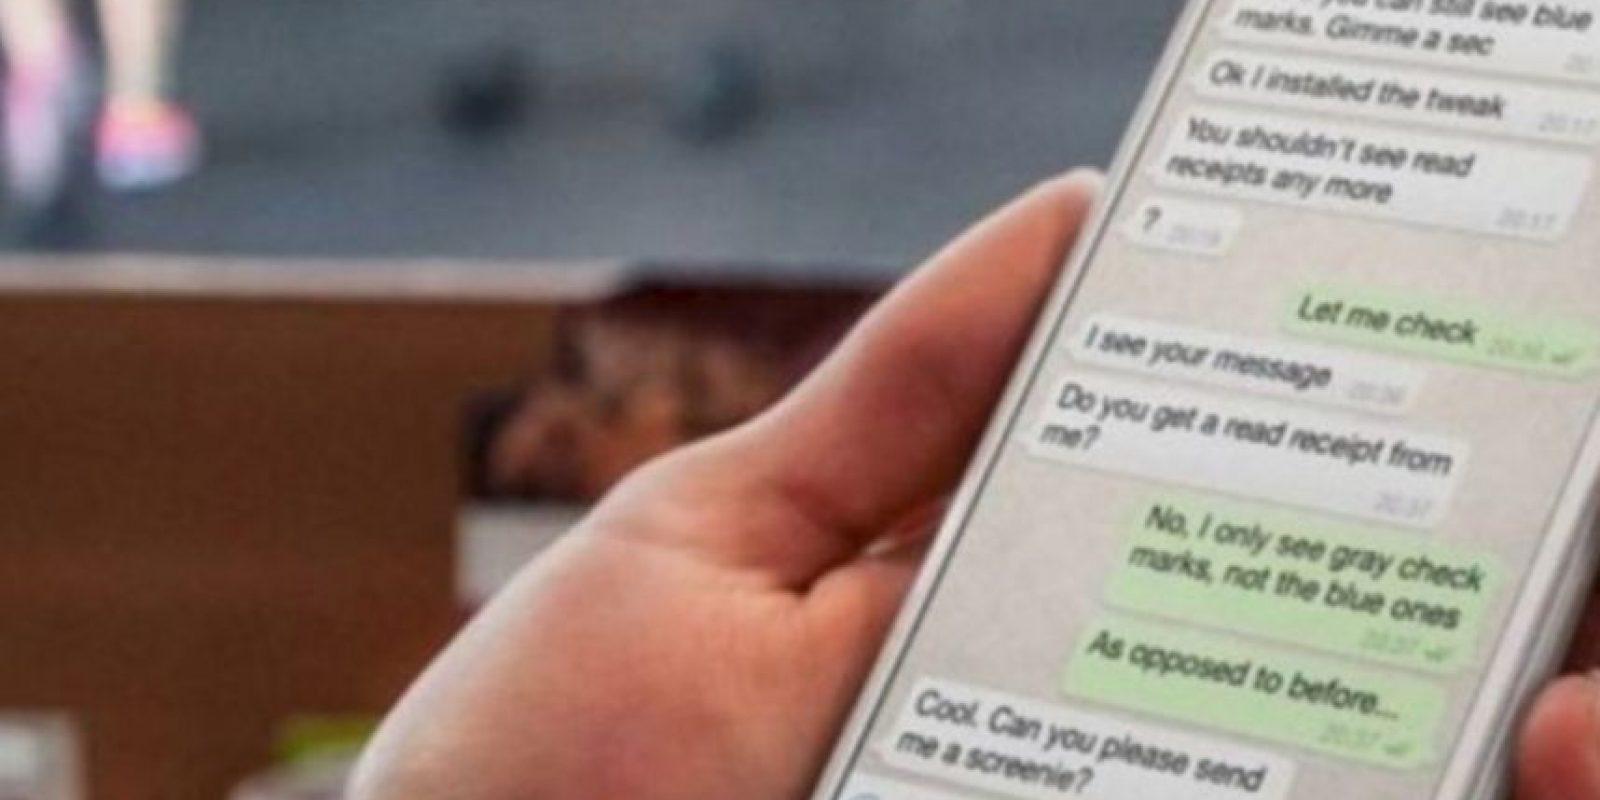 8- Borrado de mensajes más sencillo: pueden elegir a partir de una semana, un mes y hasta medio año. Foto:Tumblr